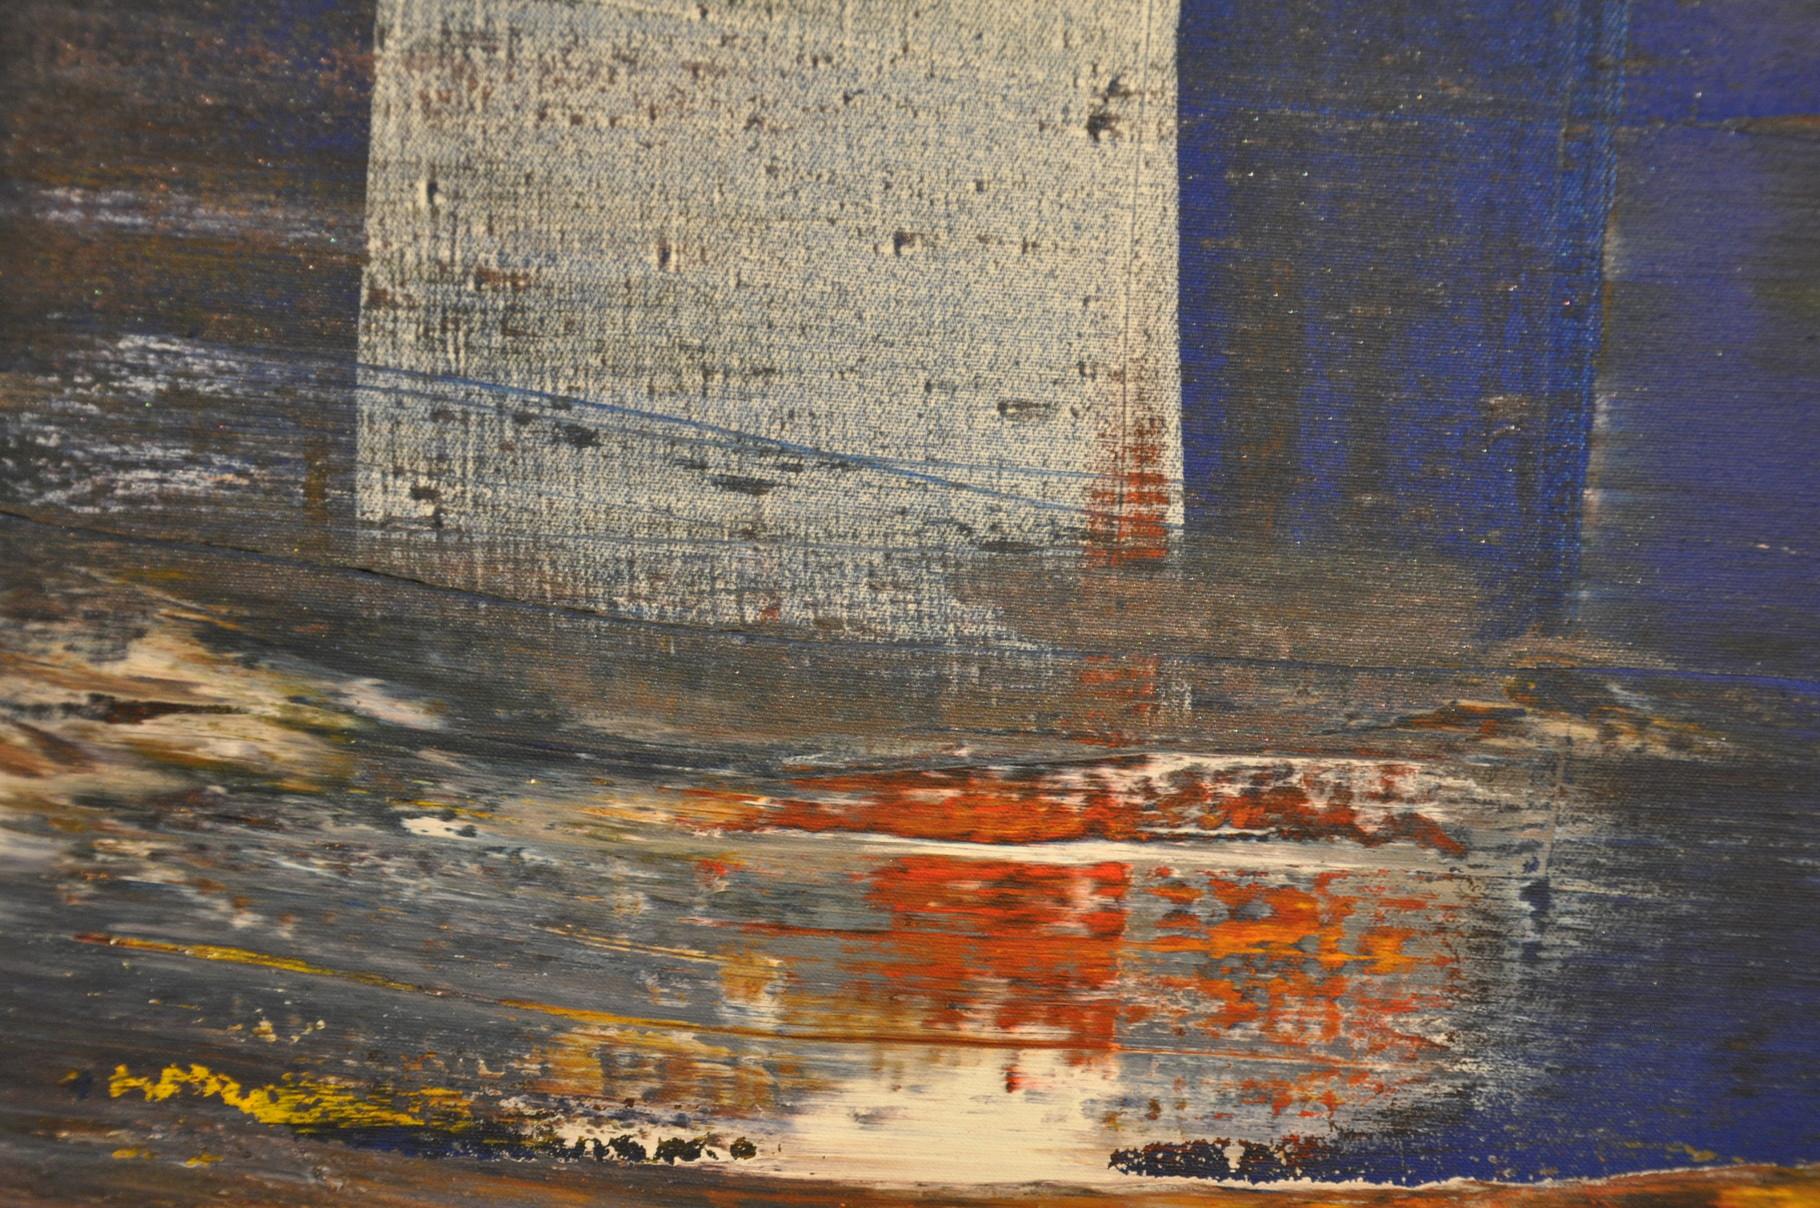 Offenbarung III: Wege ins Zentrum (Diptychon / außen) 2009 / Acryl auf Leinwand / 120 x 80 cm / Detail